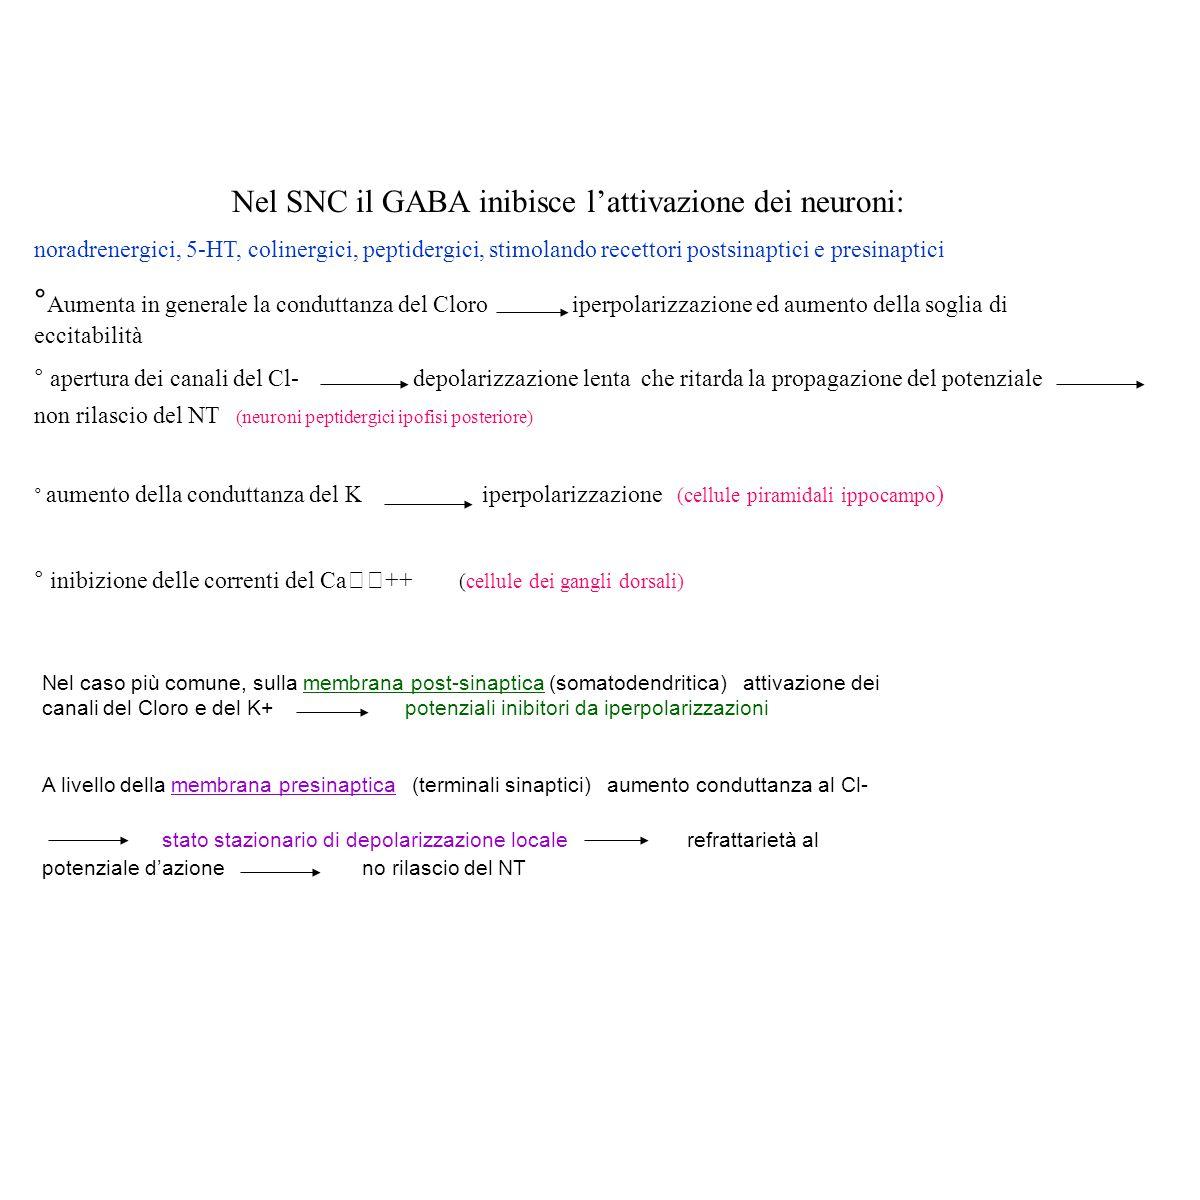 Nel SNC il GABA inibisce l'attivazione dei neuroni: noradrenergici, 5-HT, colinergici, peptidergici, stimolando recettori postsinaptici e presinaptici